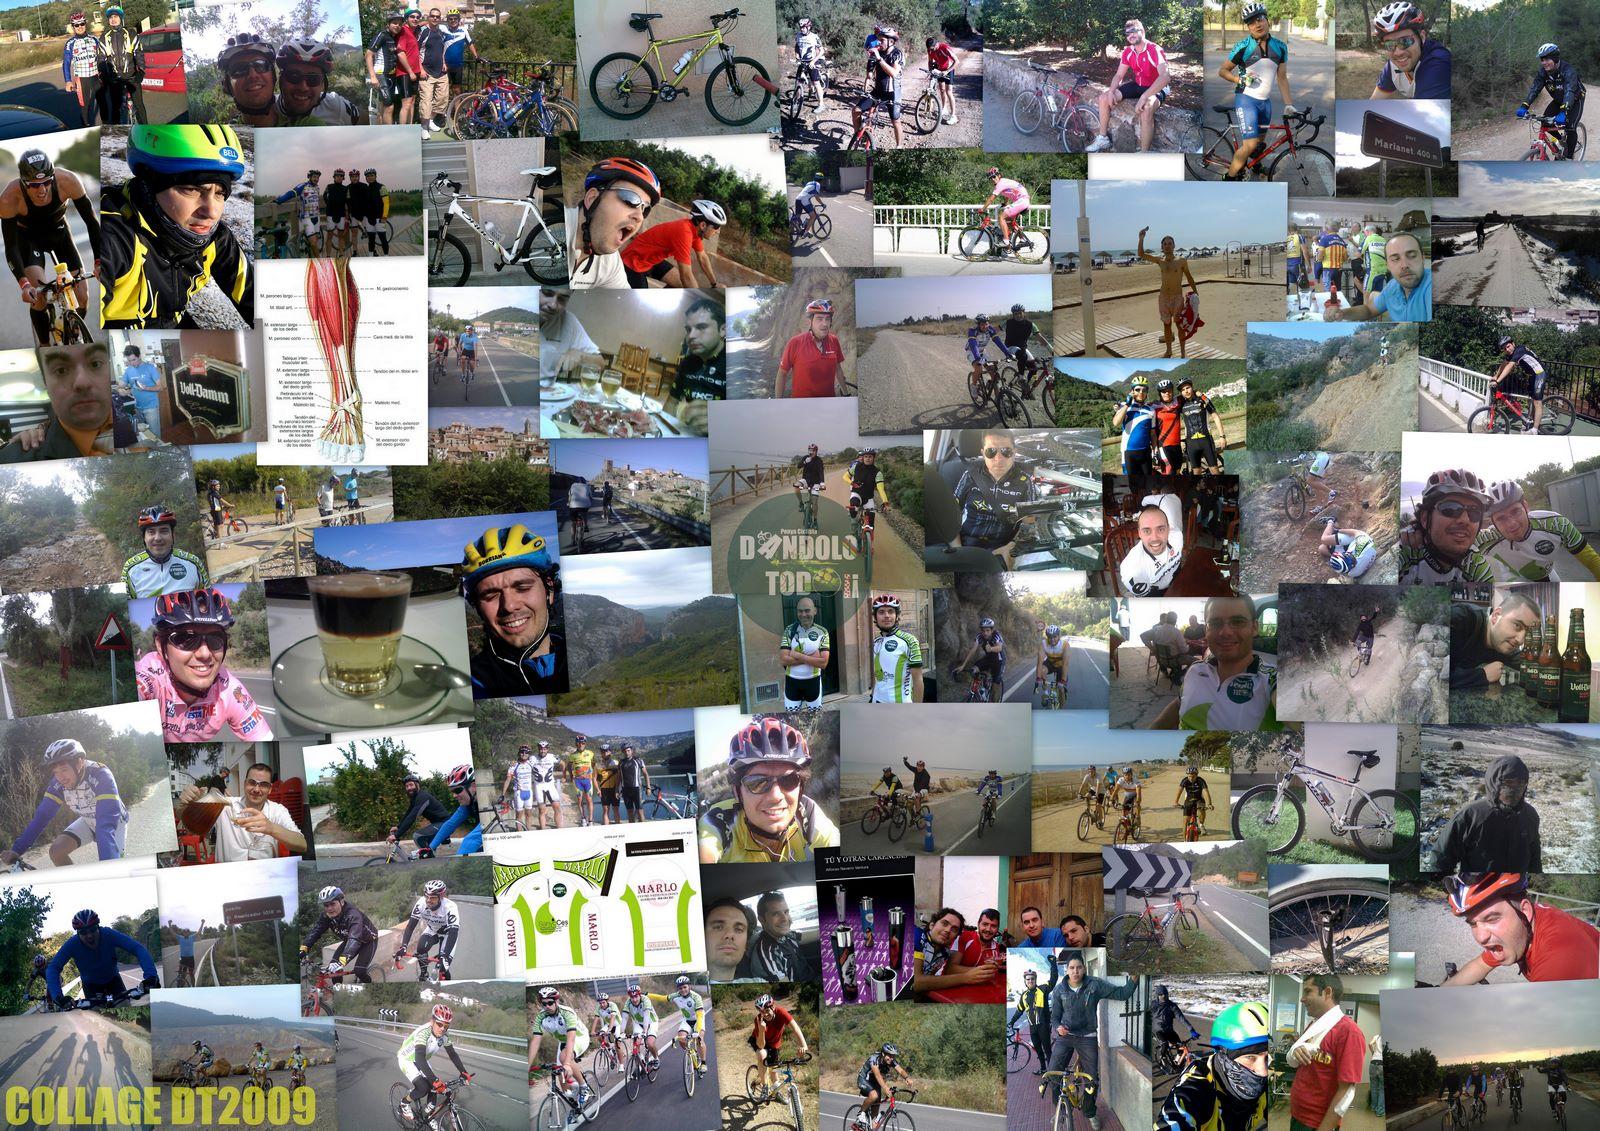 DÁNDOLO TODO!!!: COLLAGE DT 2009: LA HISTORIA DE DÁNDOLO TODO!!!